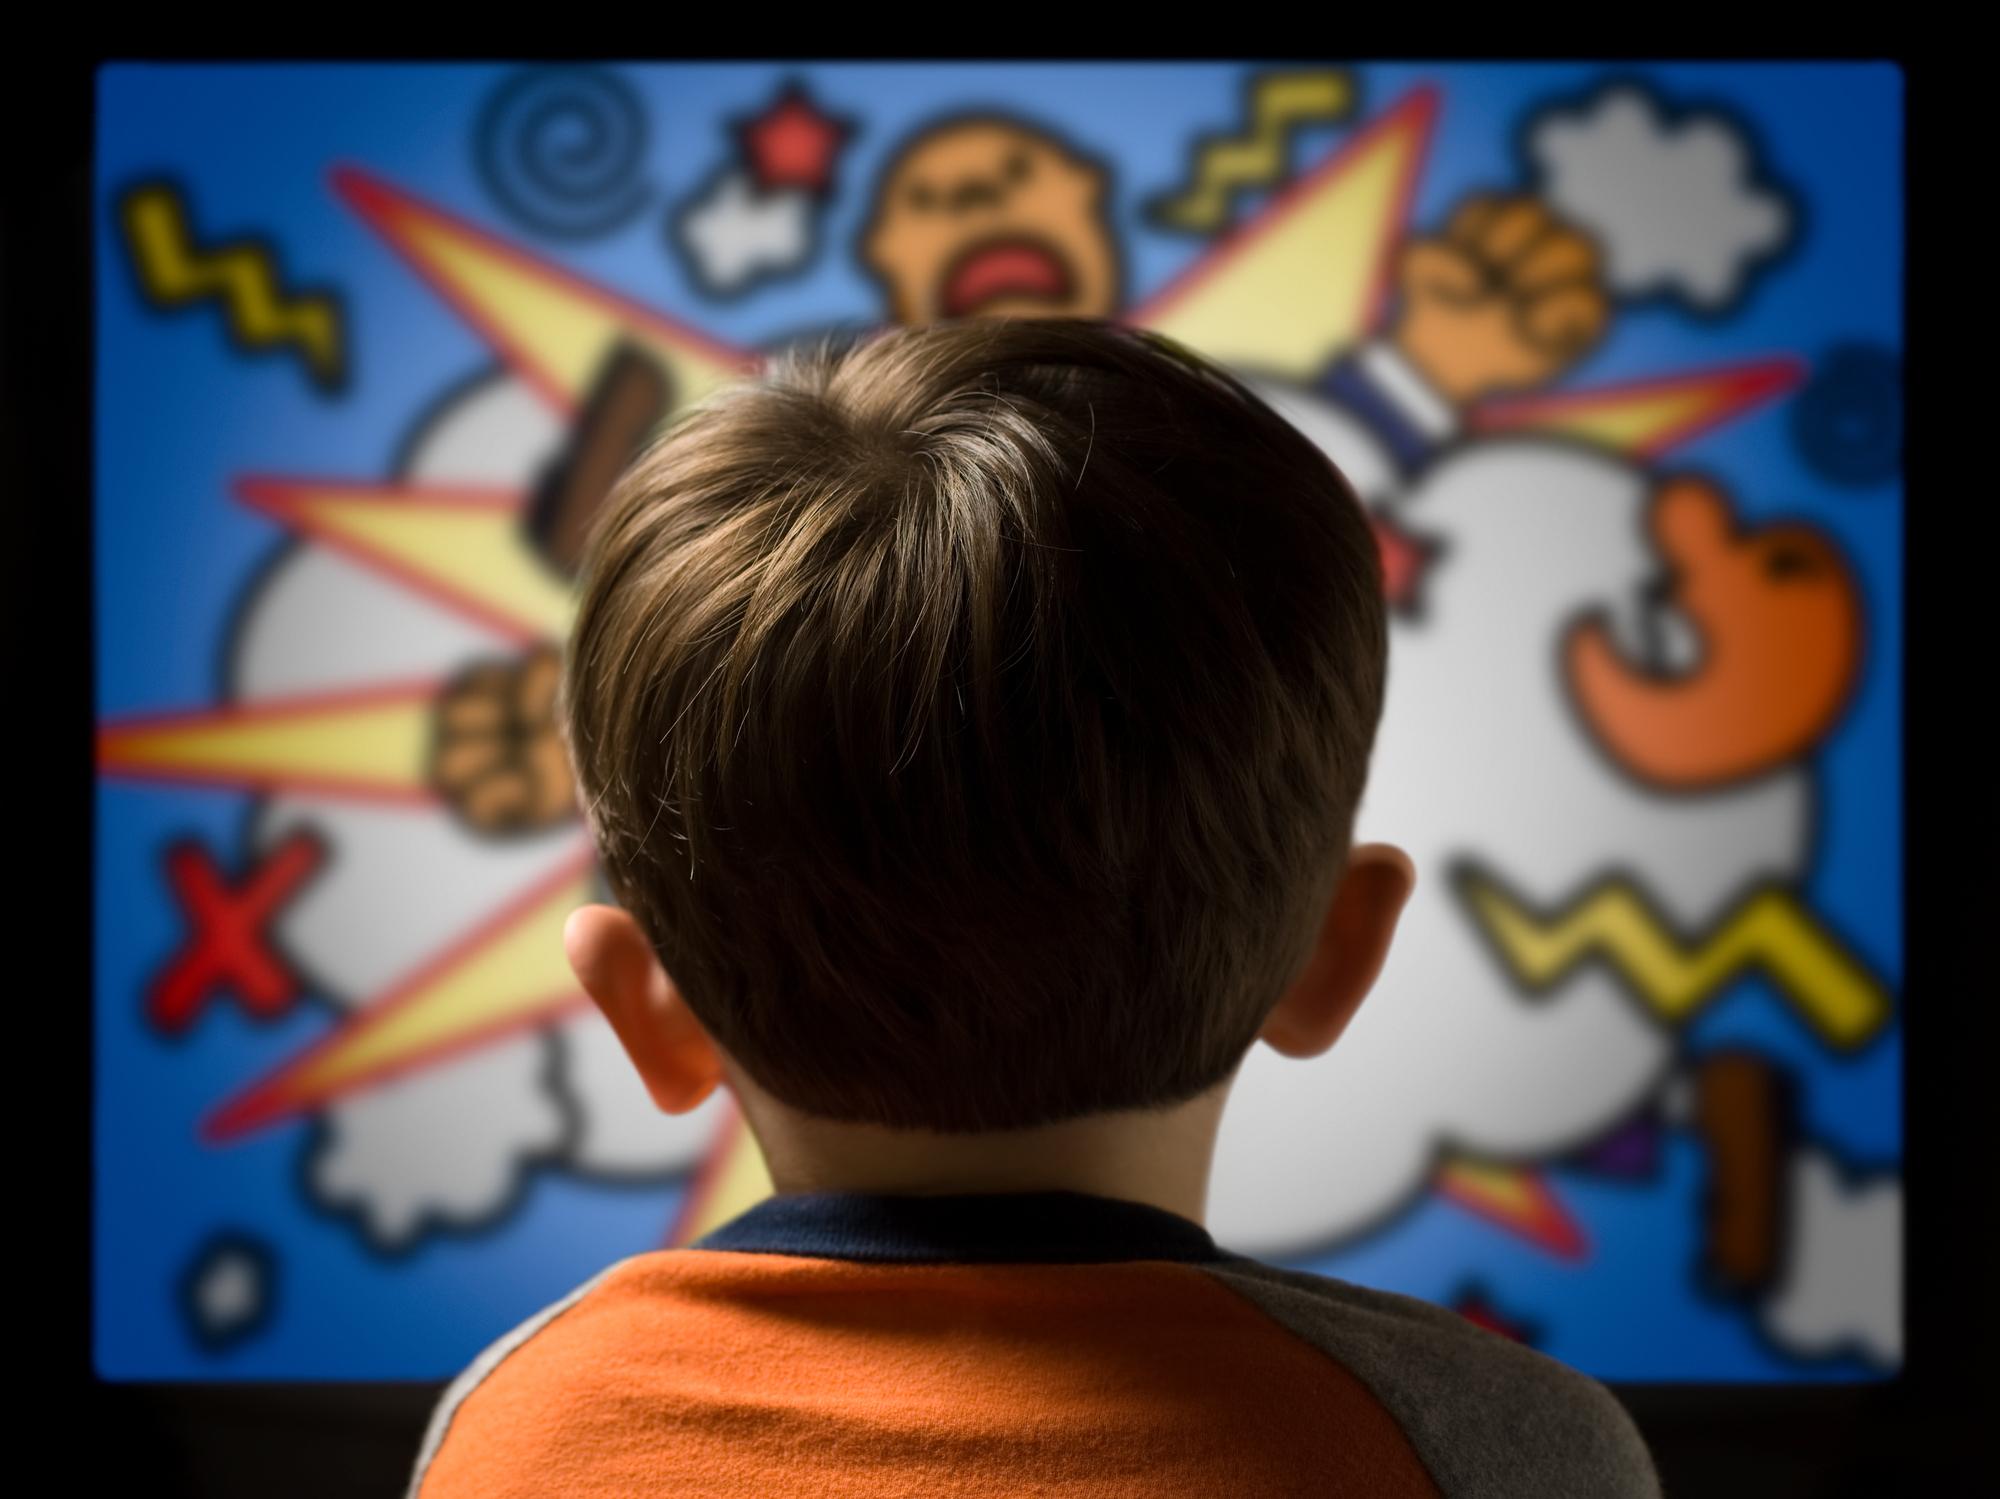 Les enfants face à la publicité